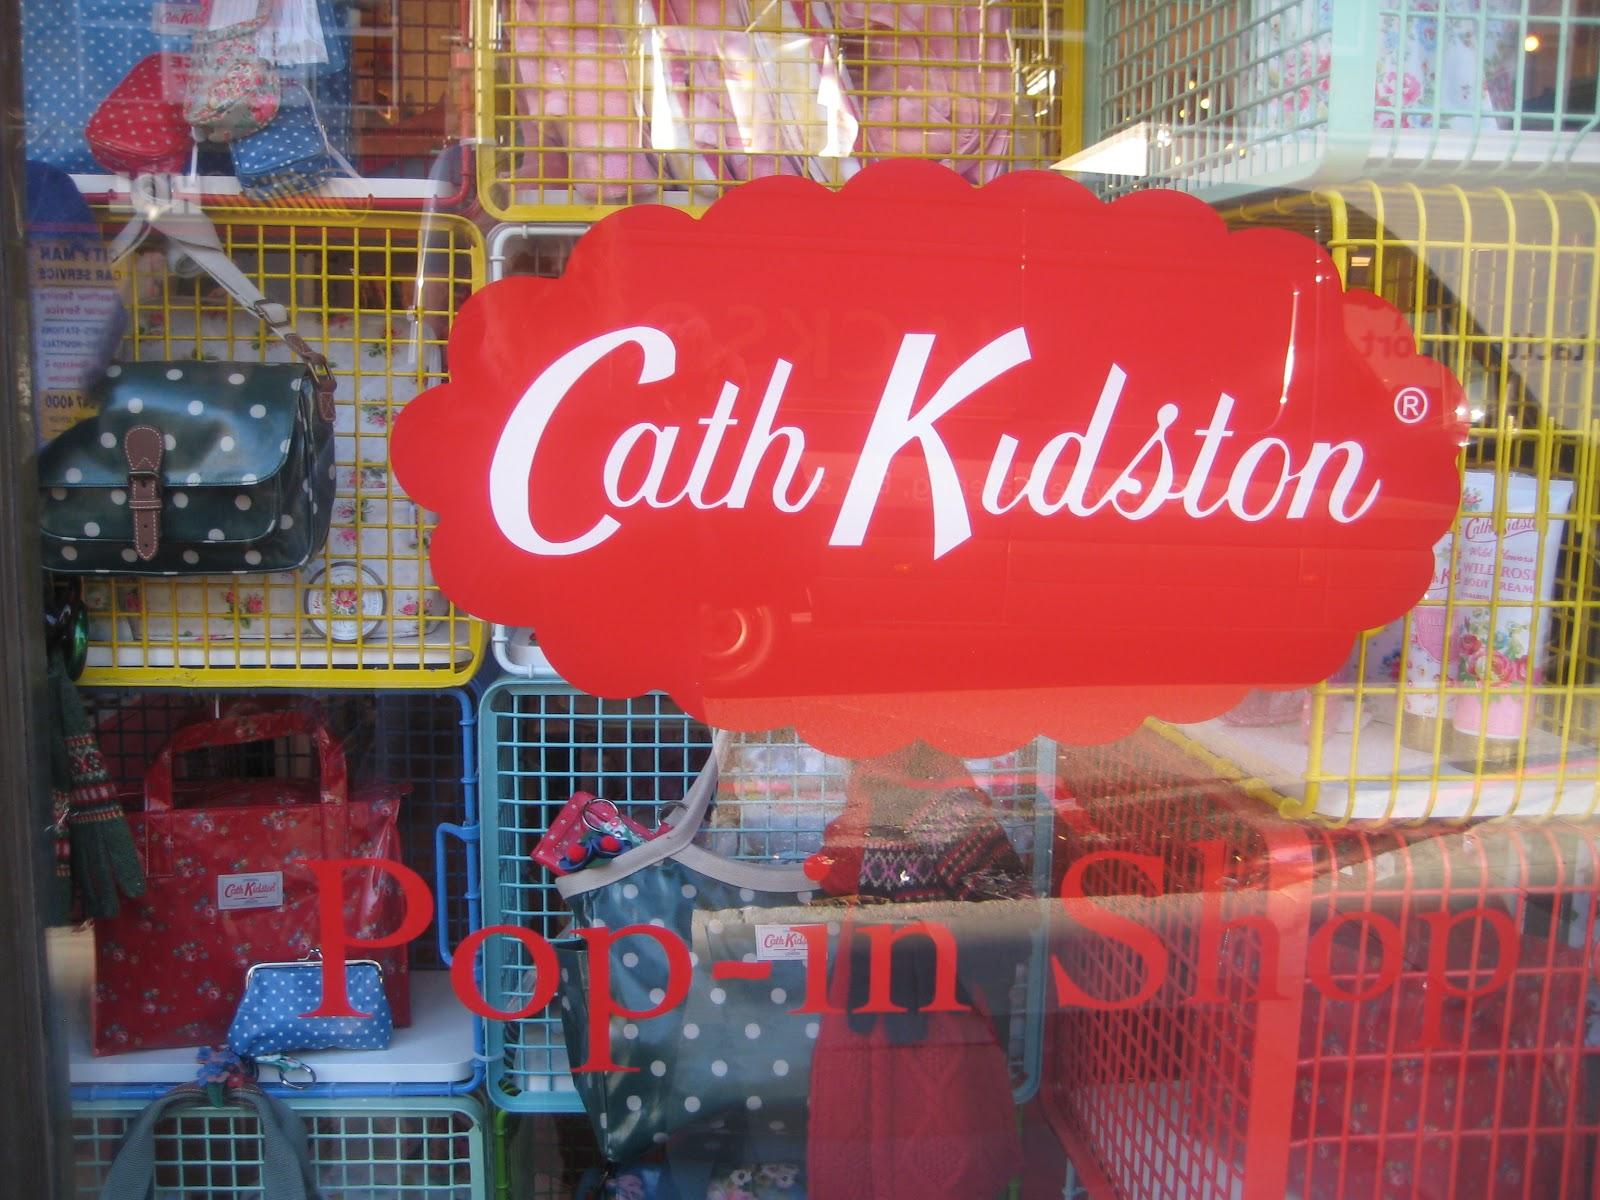 Cath Kidstonの店舗